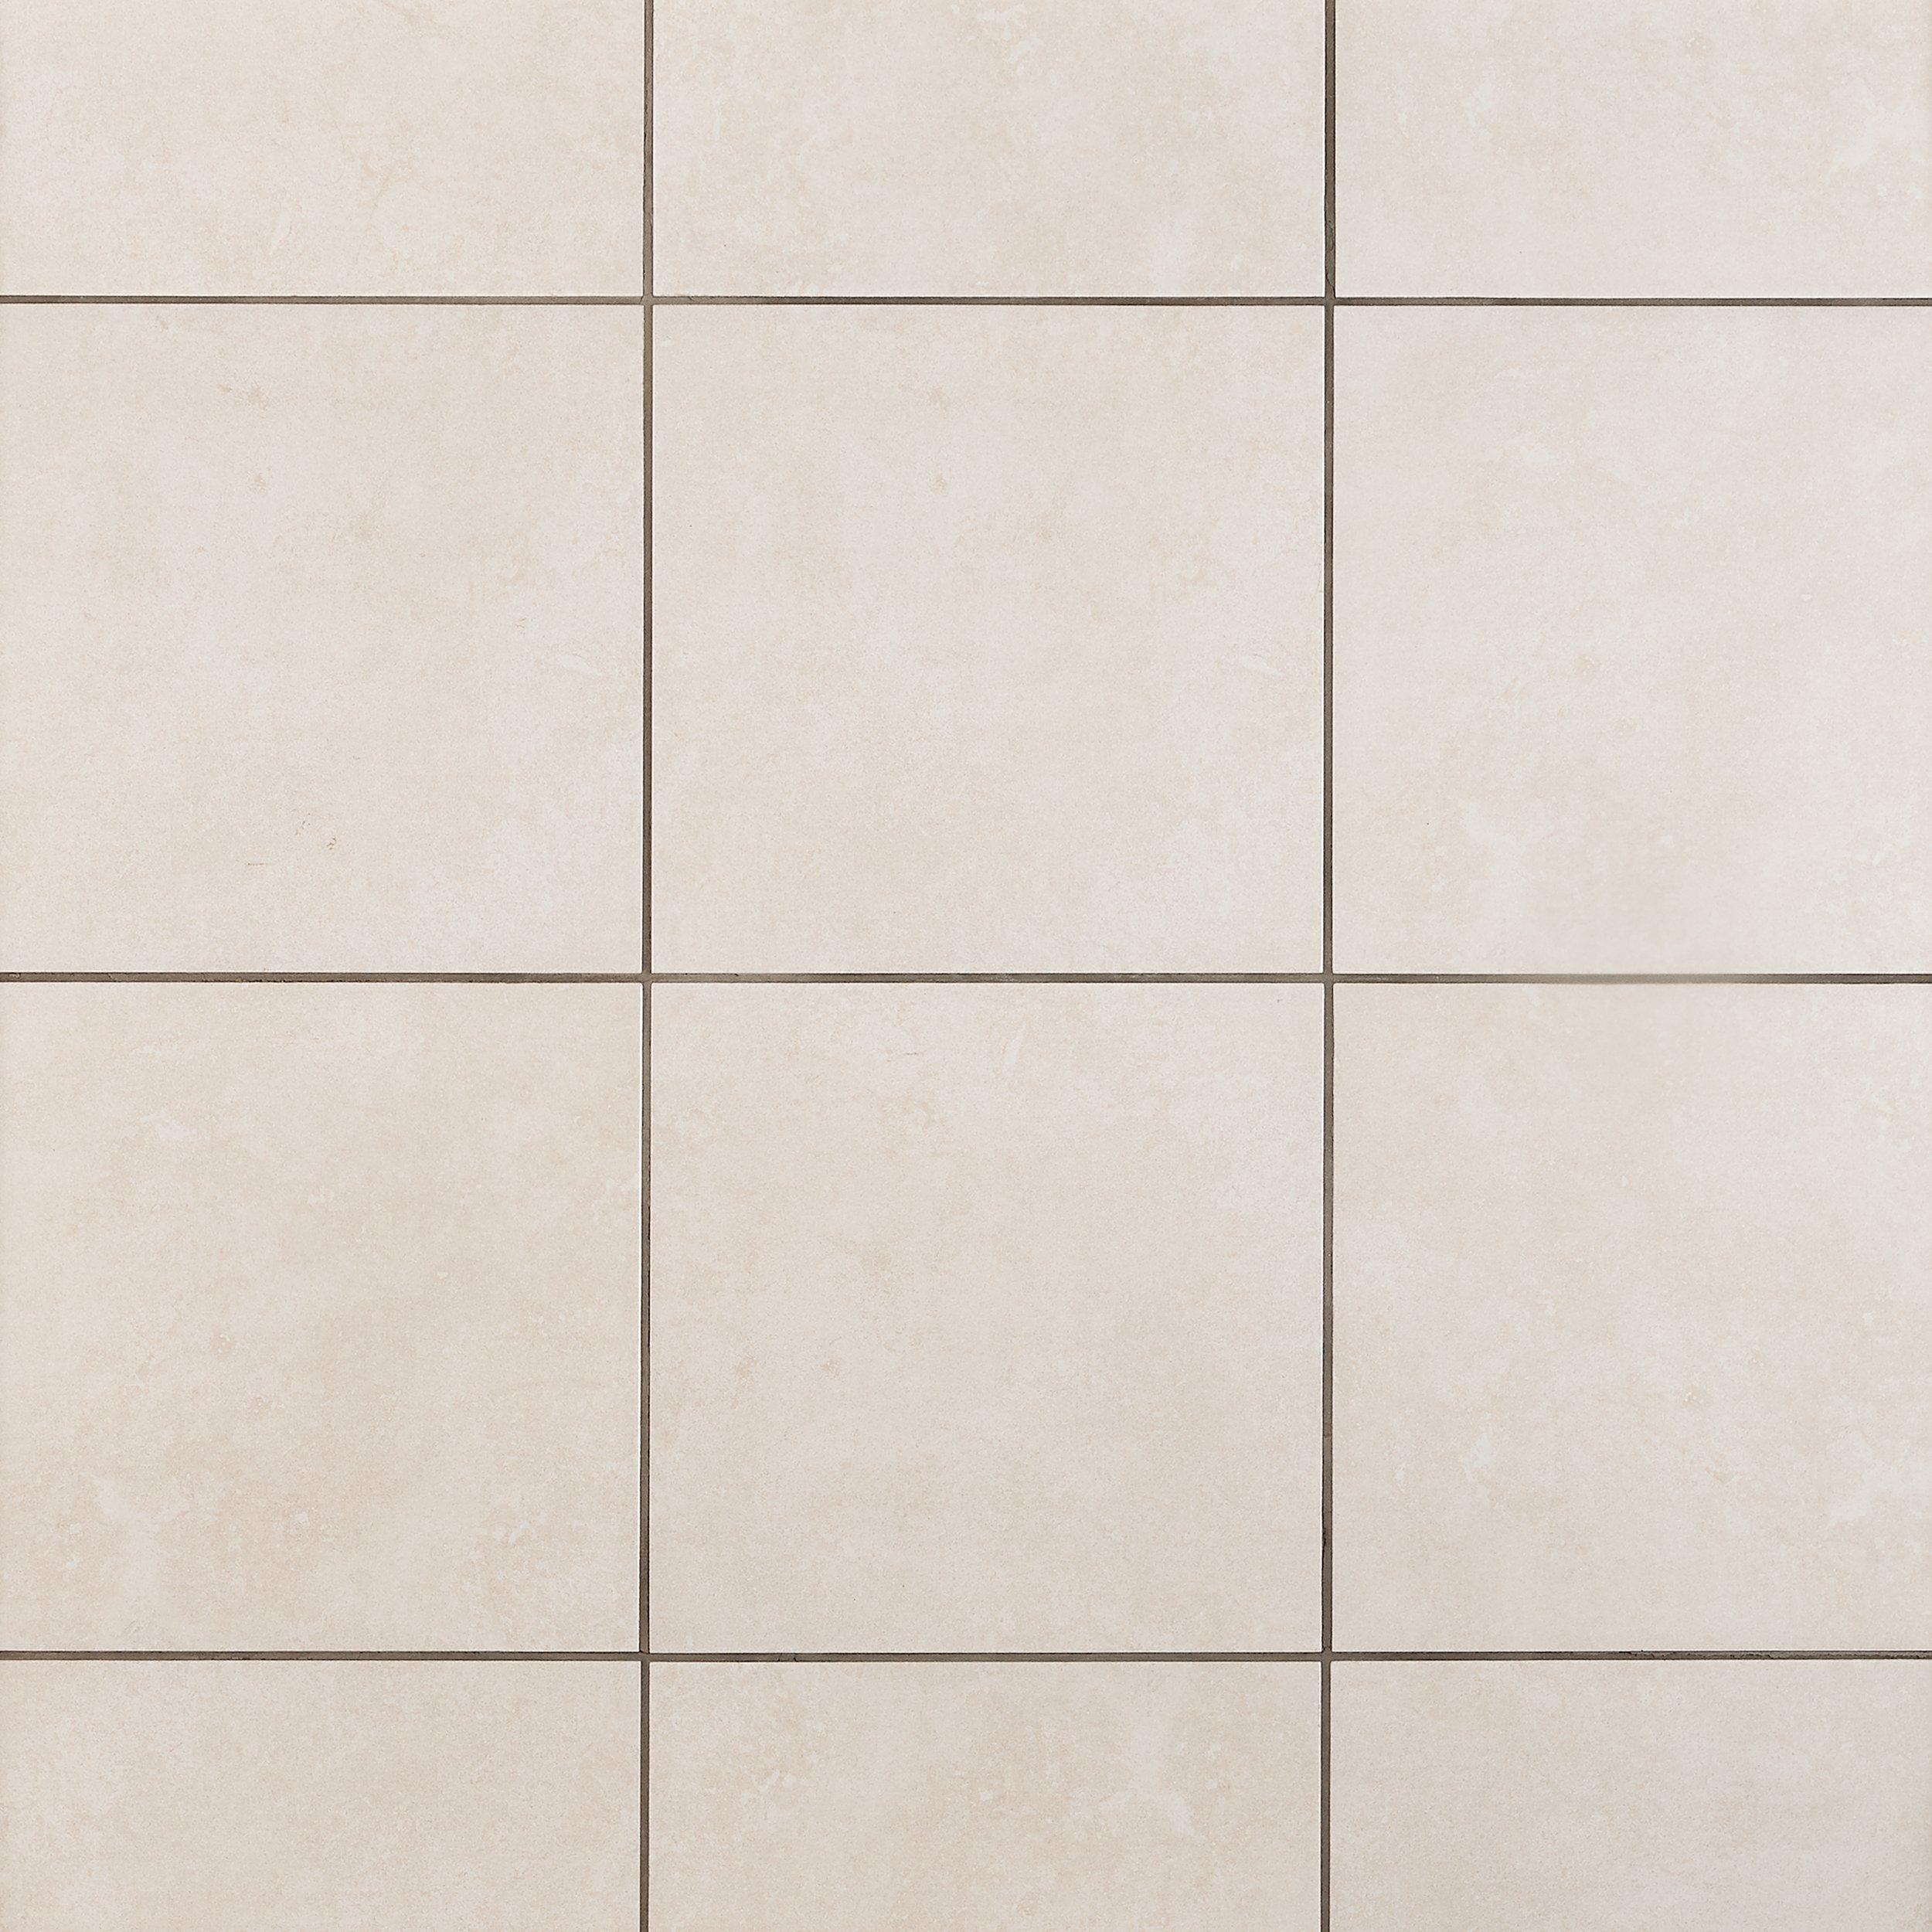 Bristol Beige Ceramic Tile 12 X 12 100486547 Floor And Decor